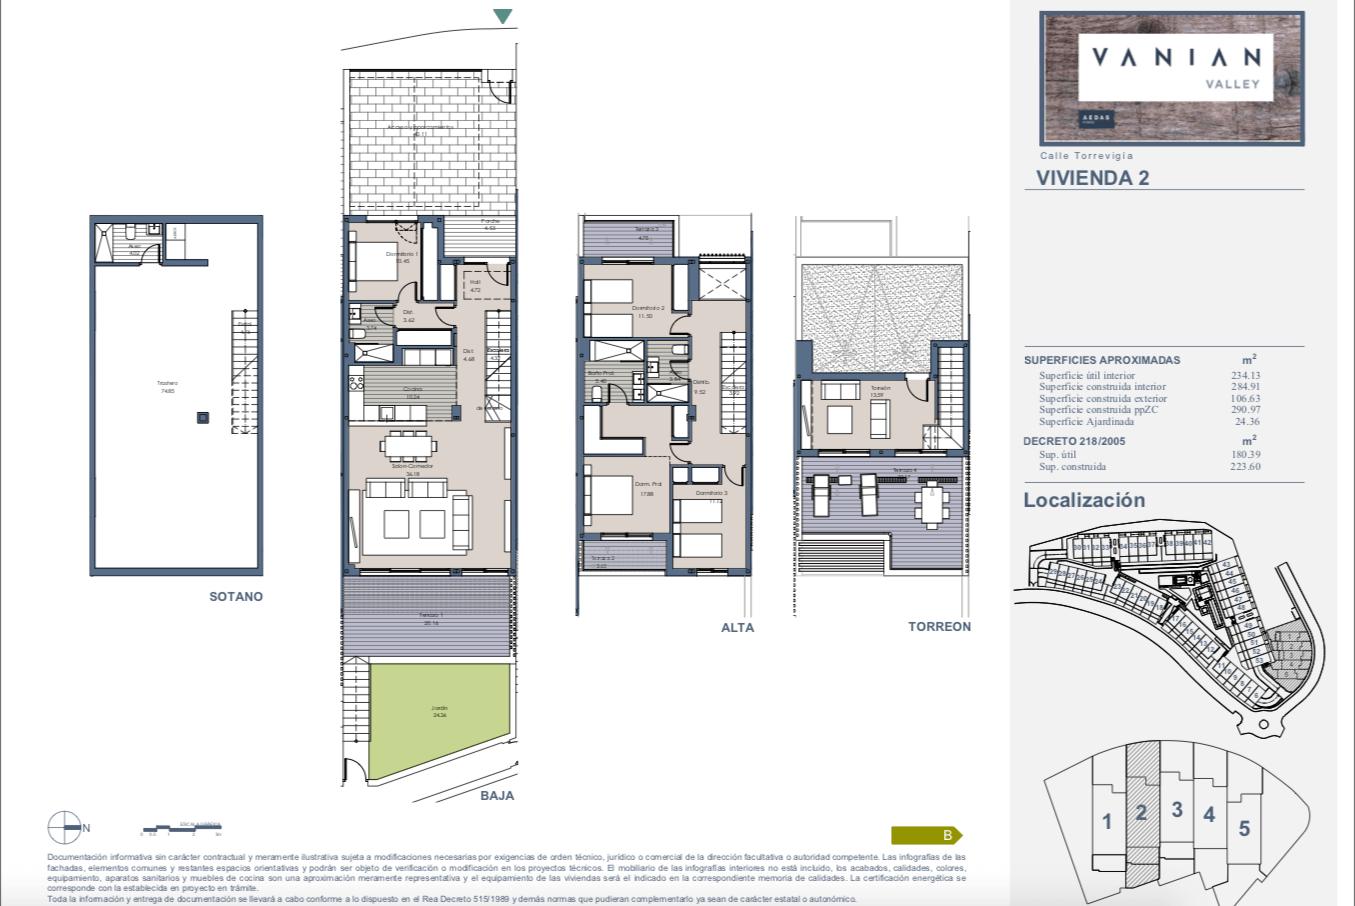 vanian valley new golden mile estepona costa del sol huis kopen townhouse modern nieuwbouw grondplan